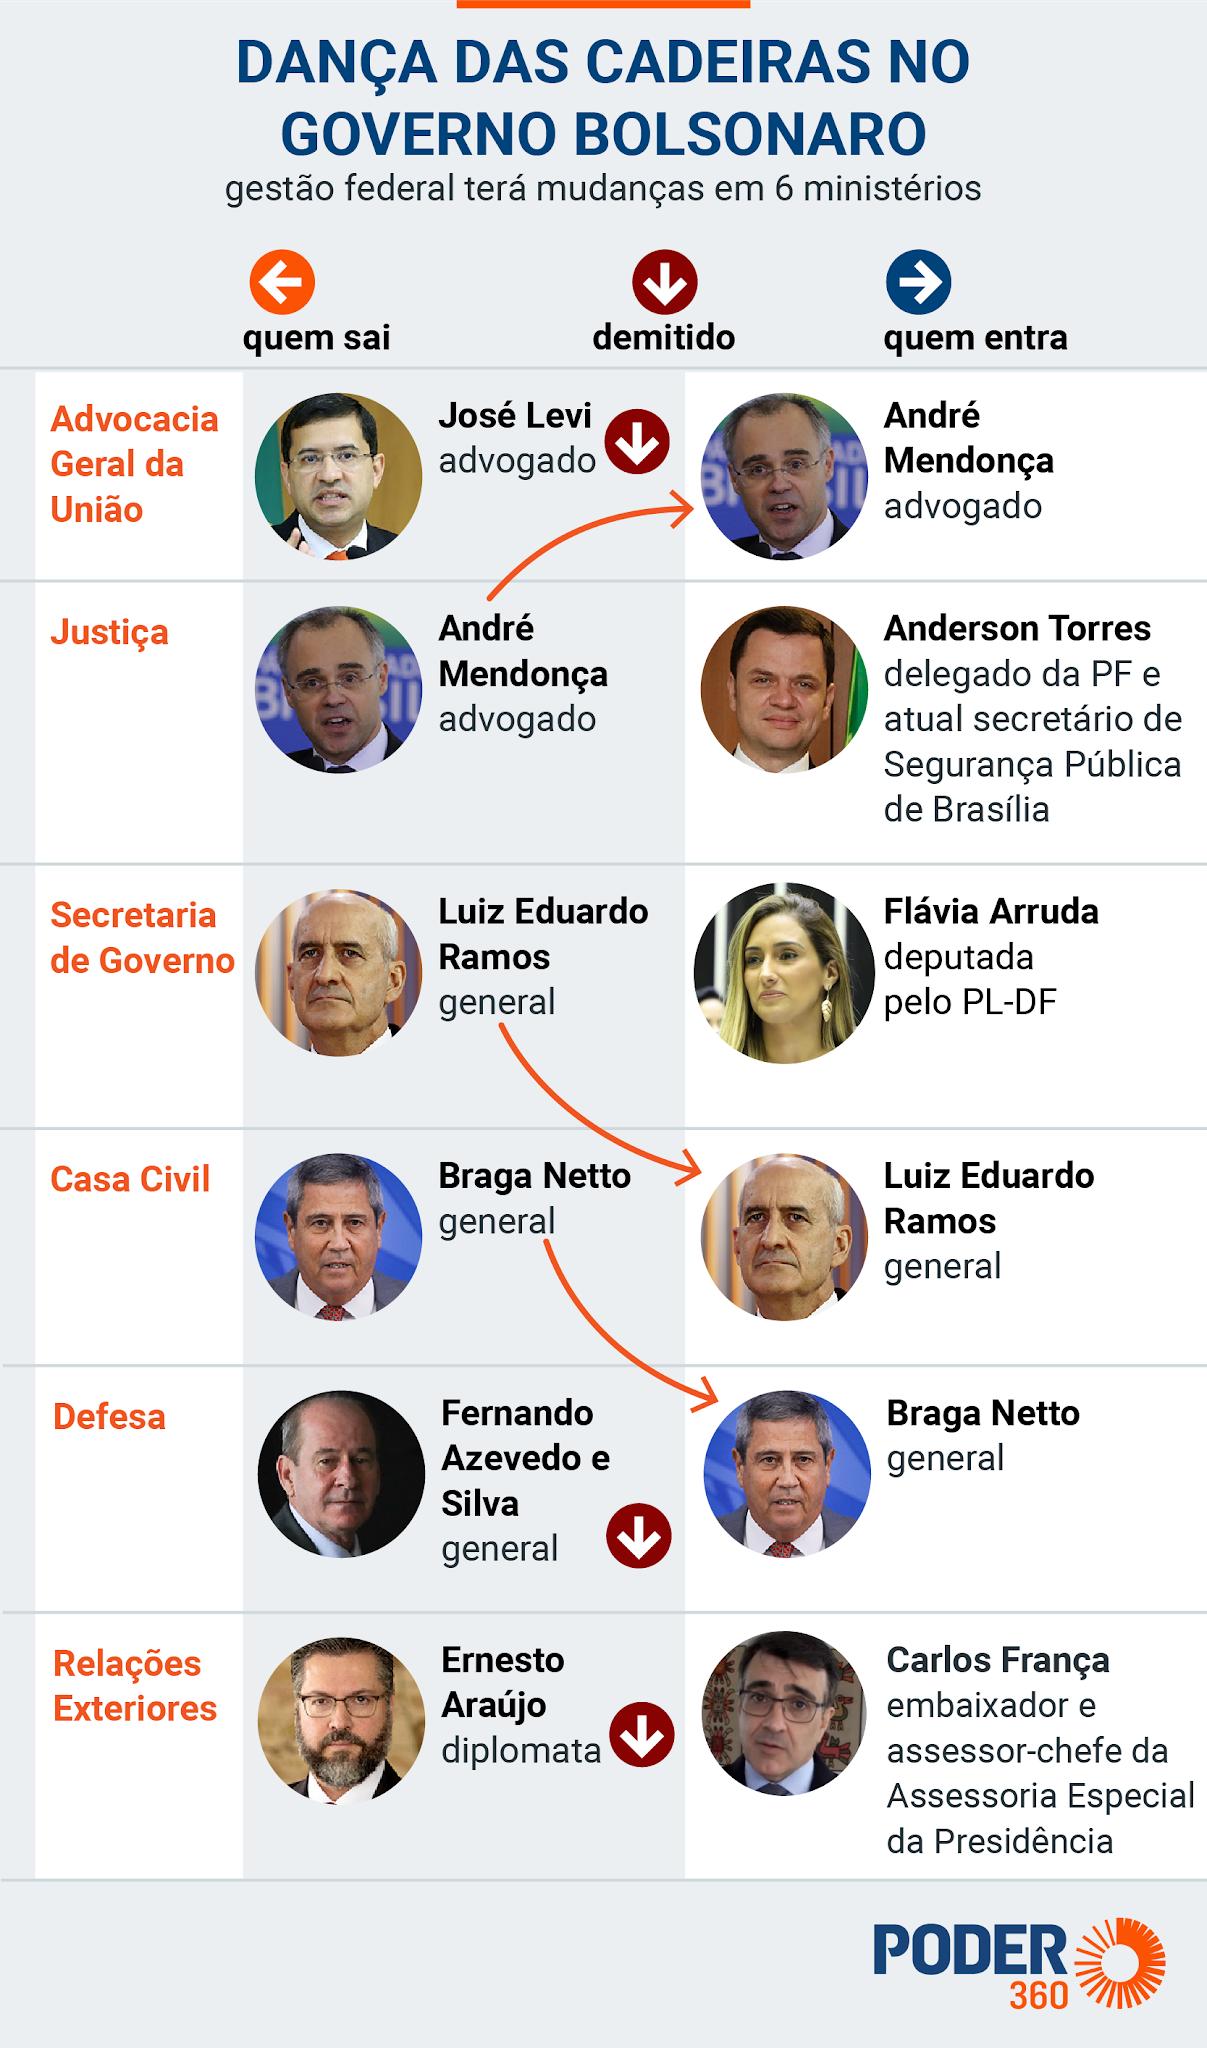 Dança da Cadeiras: Bolsonaro muda 6 ministros e indicados reforçam alinhamento ao Planalto